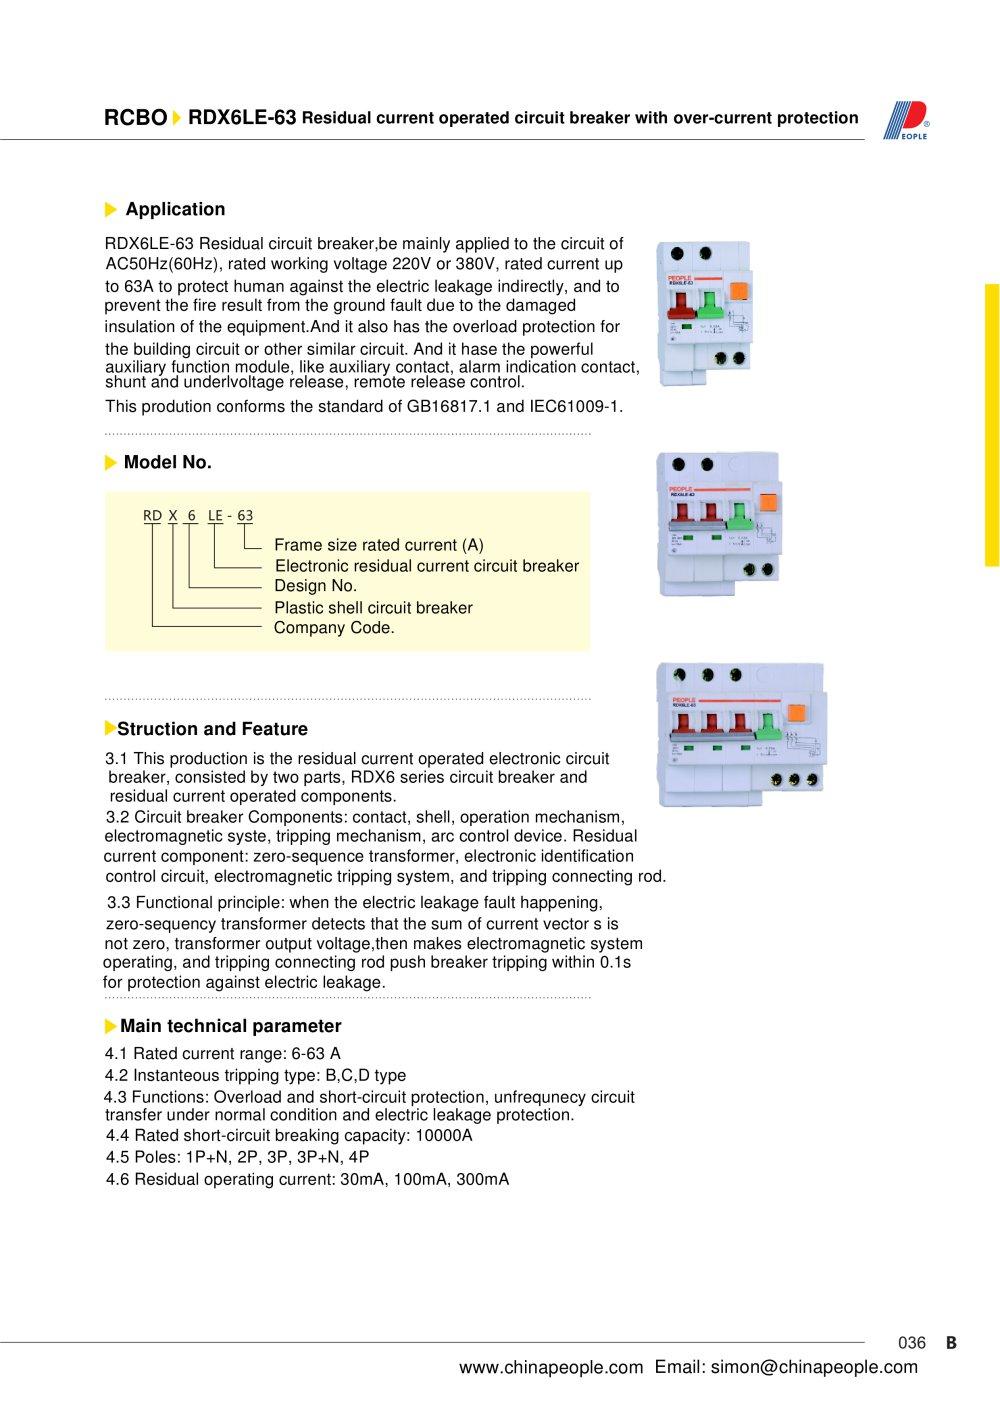 Rdx6le 63 Series Rcbo People Ele Appliance Group Co Ltd Pdf Short Circuit Appliances 1 2 Pages